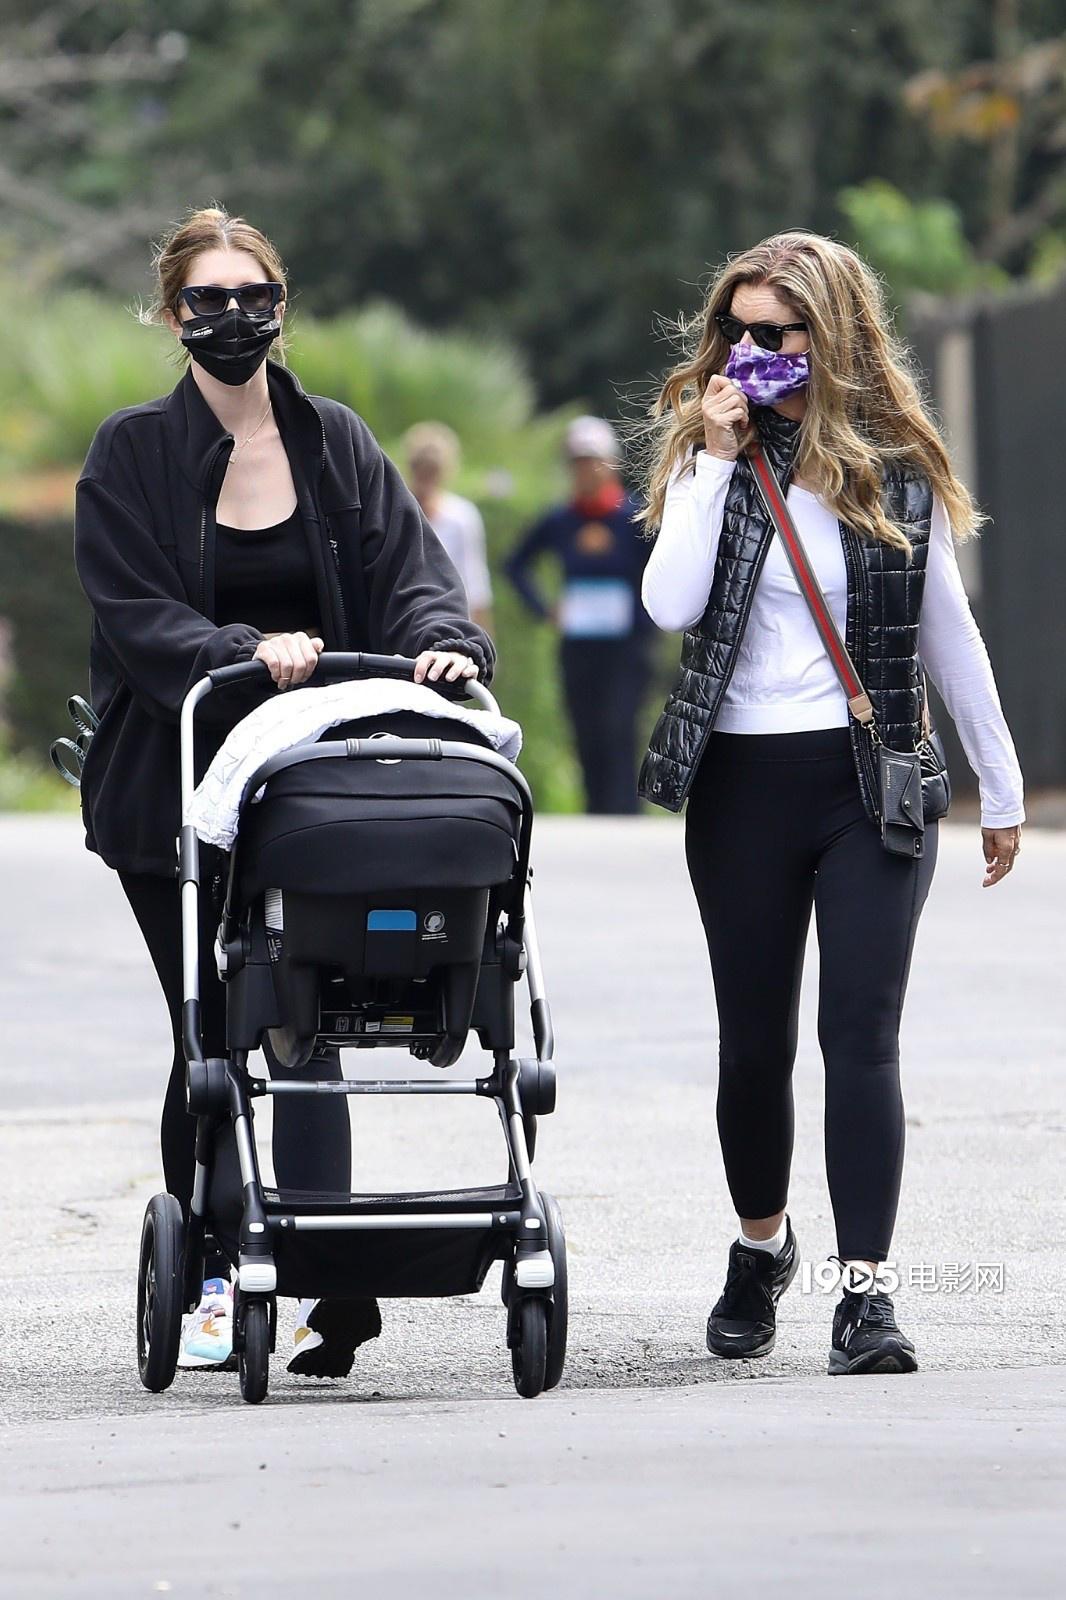 星爵娇妻产后不足两月极速瘦身 推女儿散步秀蛮腰 第2张